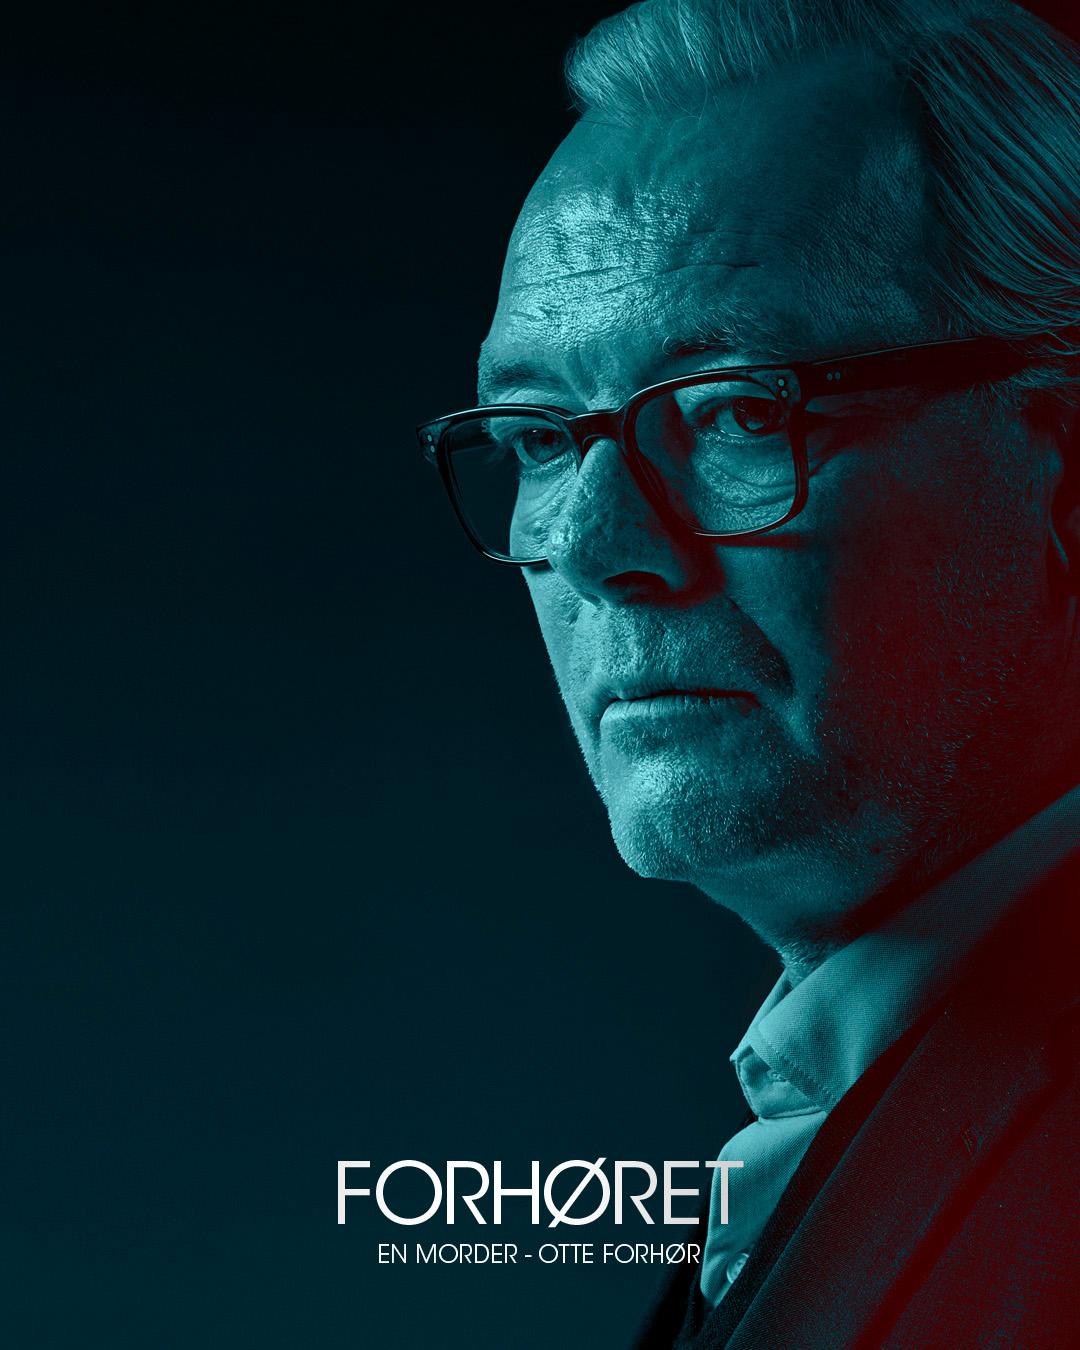 f2_portrait_character_soren